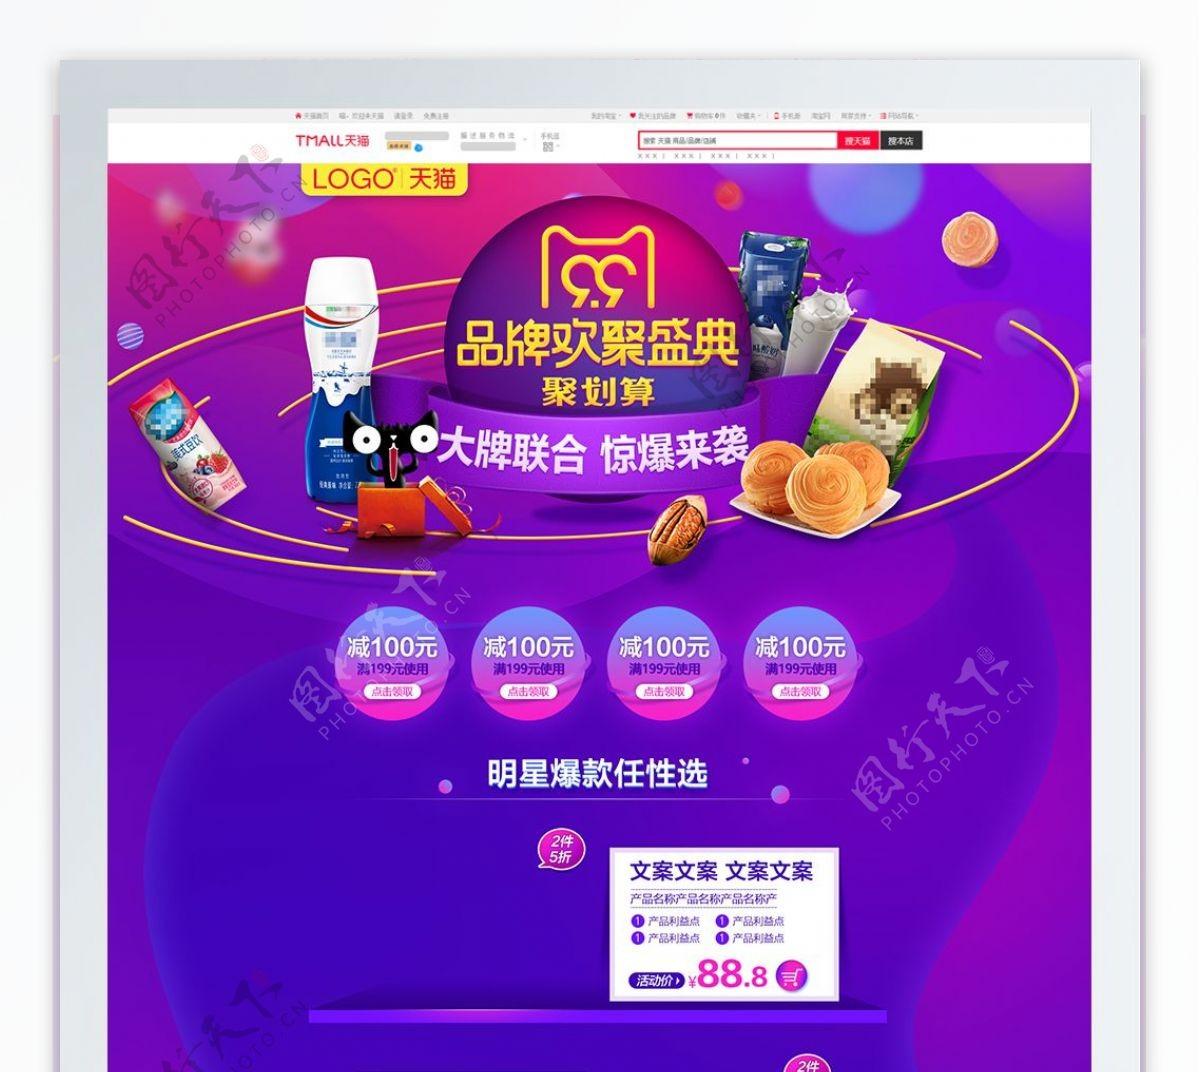 淘宝天猫超市99大促食品坚果聚划算首页